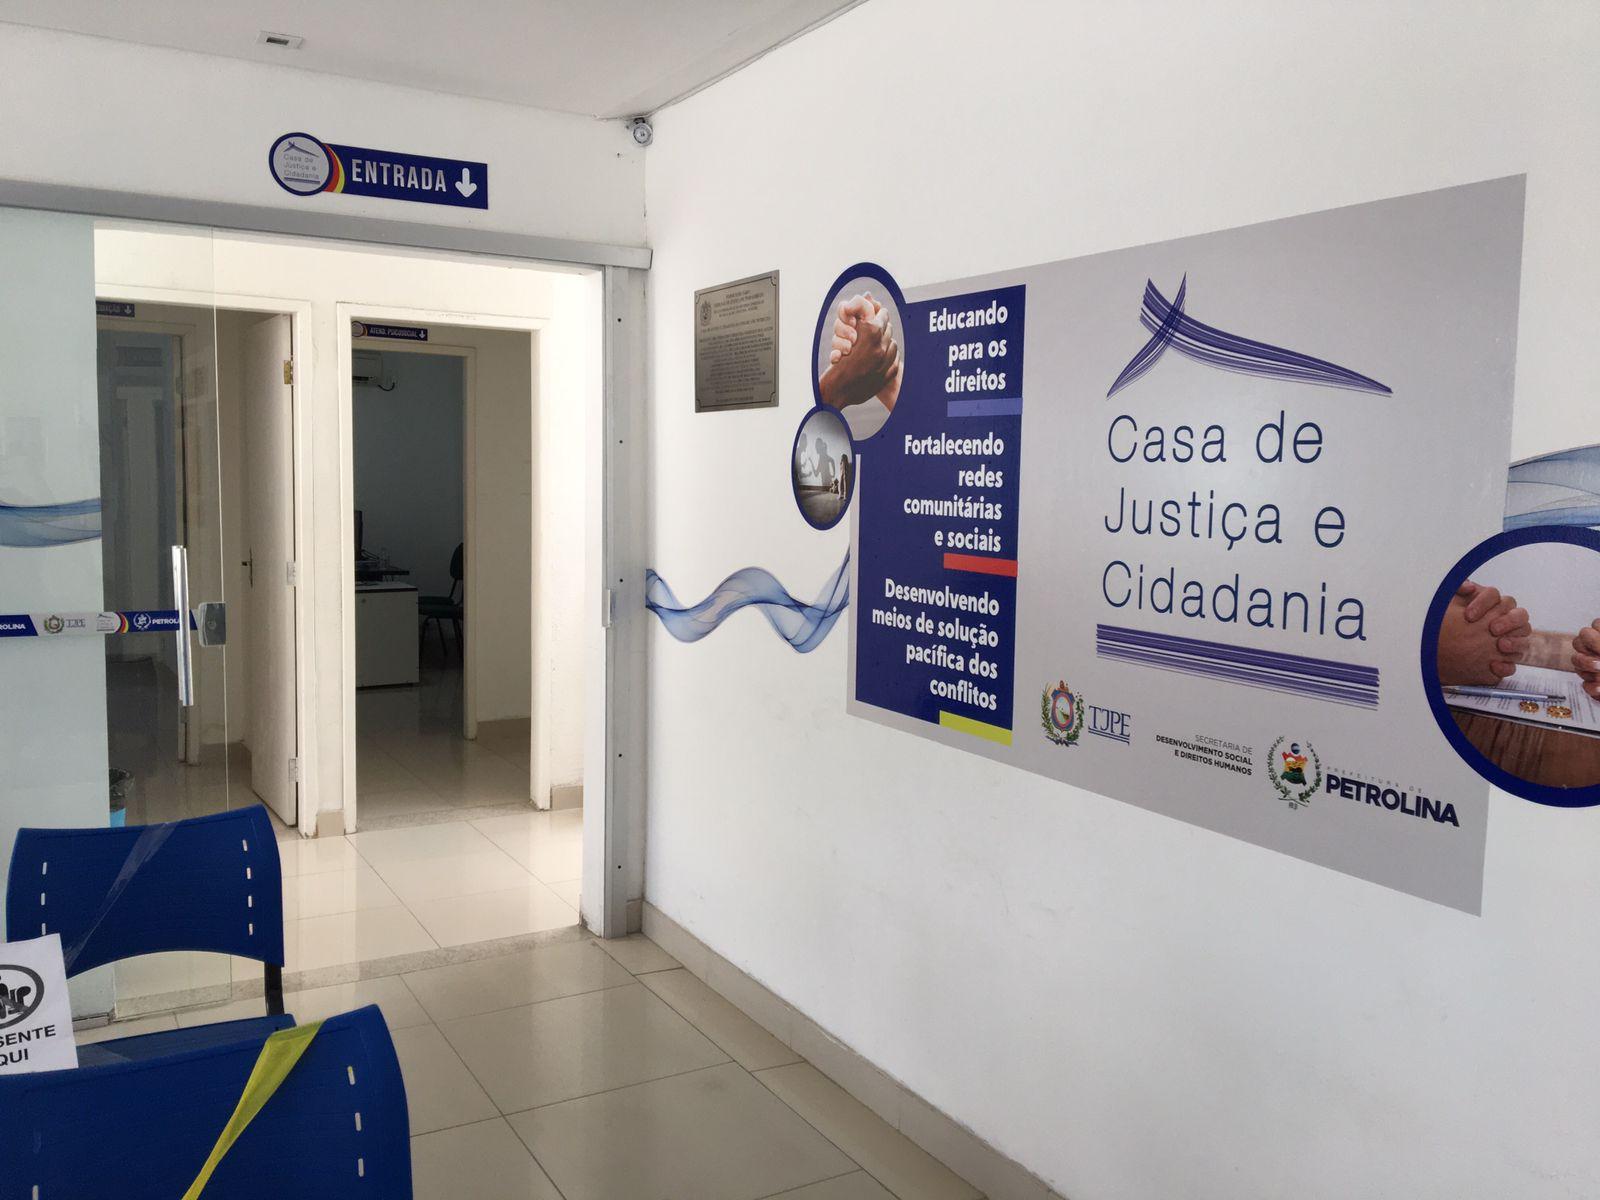 Casa da Justiça e Cidadania fará 'Semana de Conciliação' para resolver conflitos familiares em Petrolina